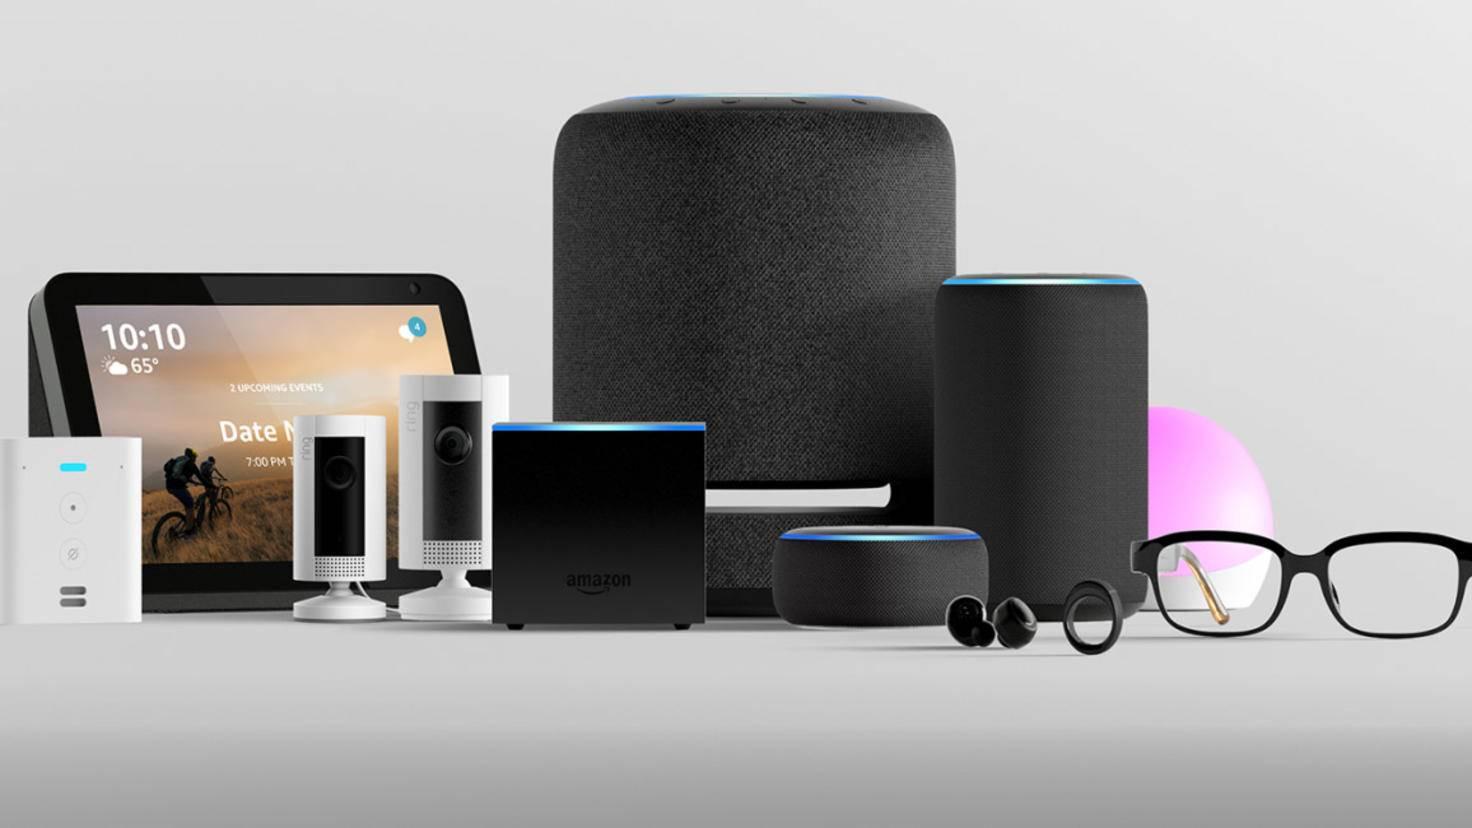 La famille Amazon Echo a déjà une taille considérable.